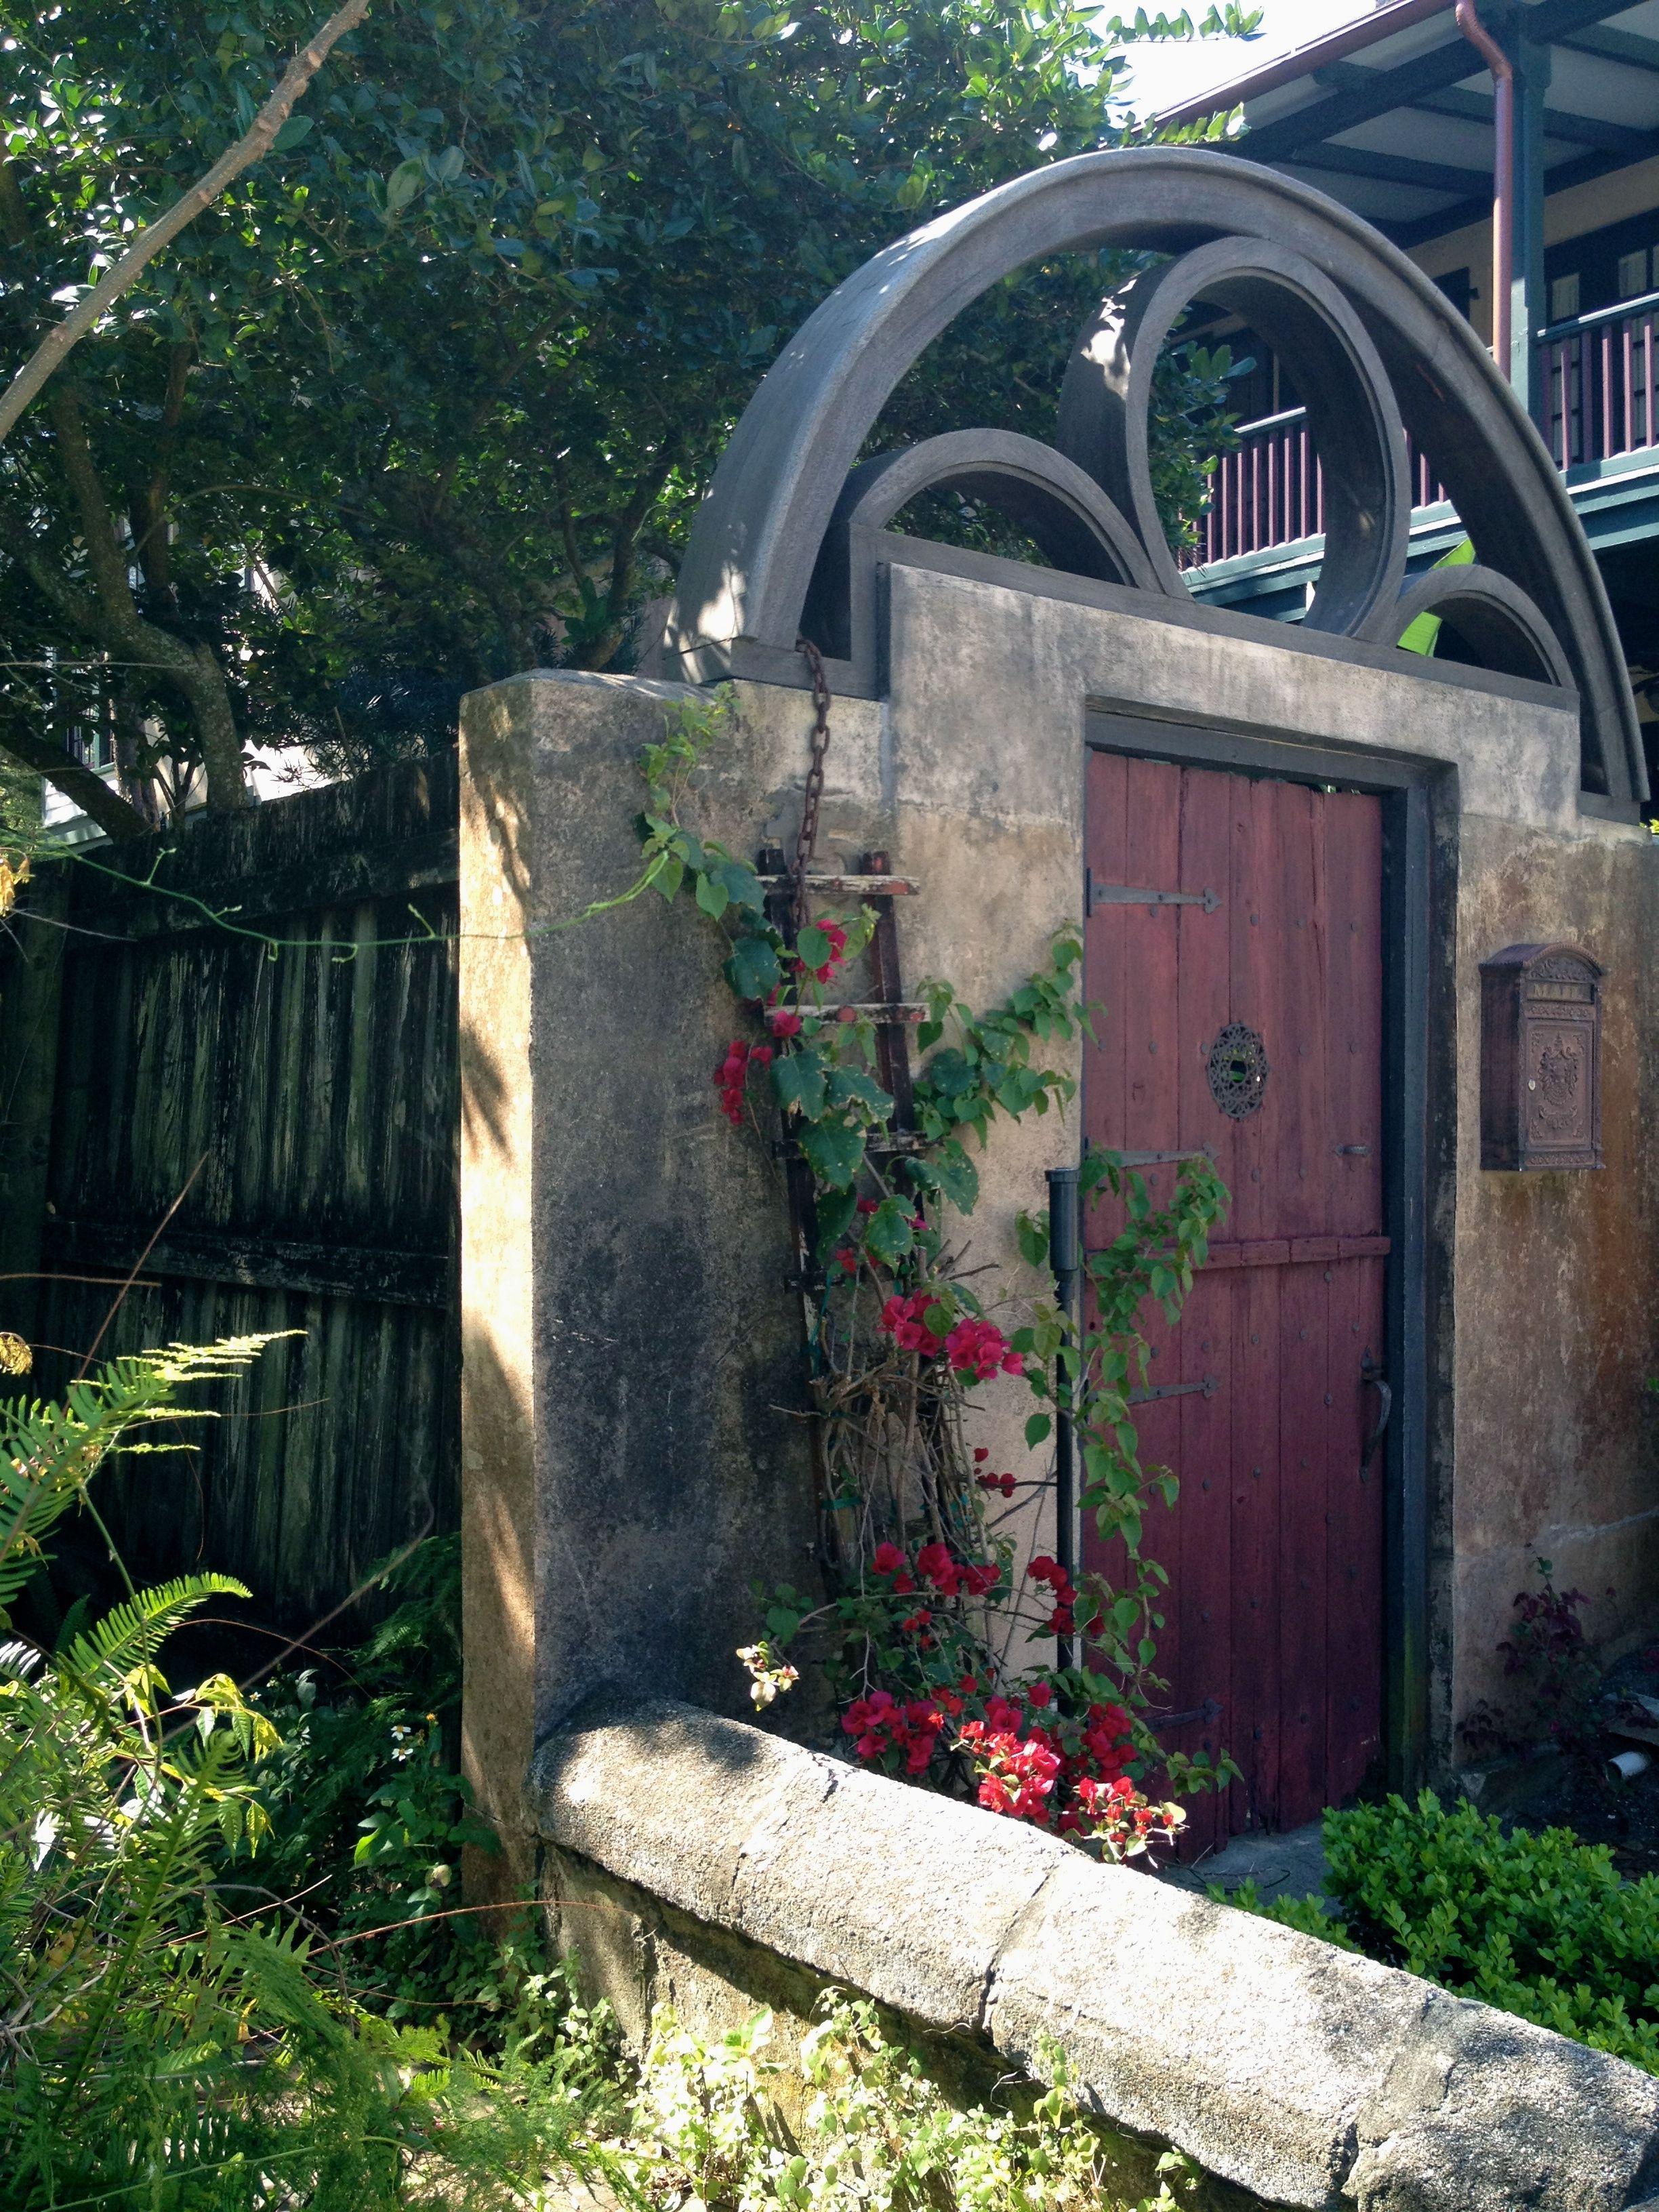 Saint Augustine, FL Behind the garden gate lie's the mystery ...